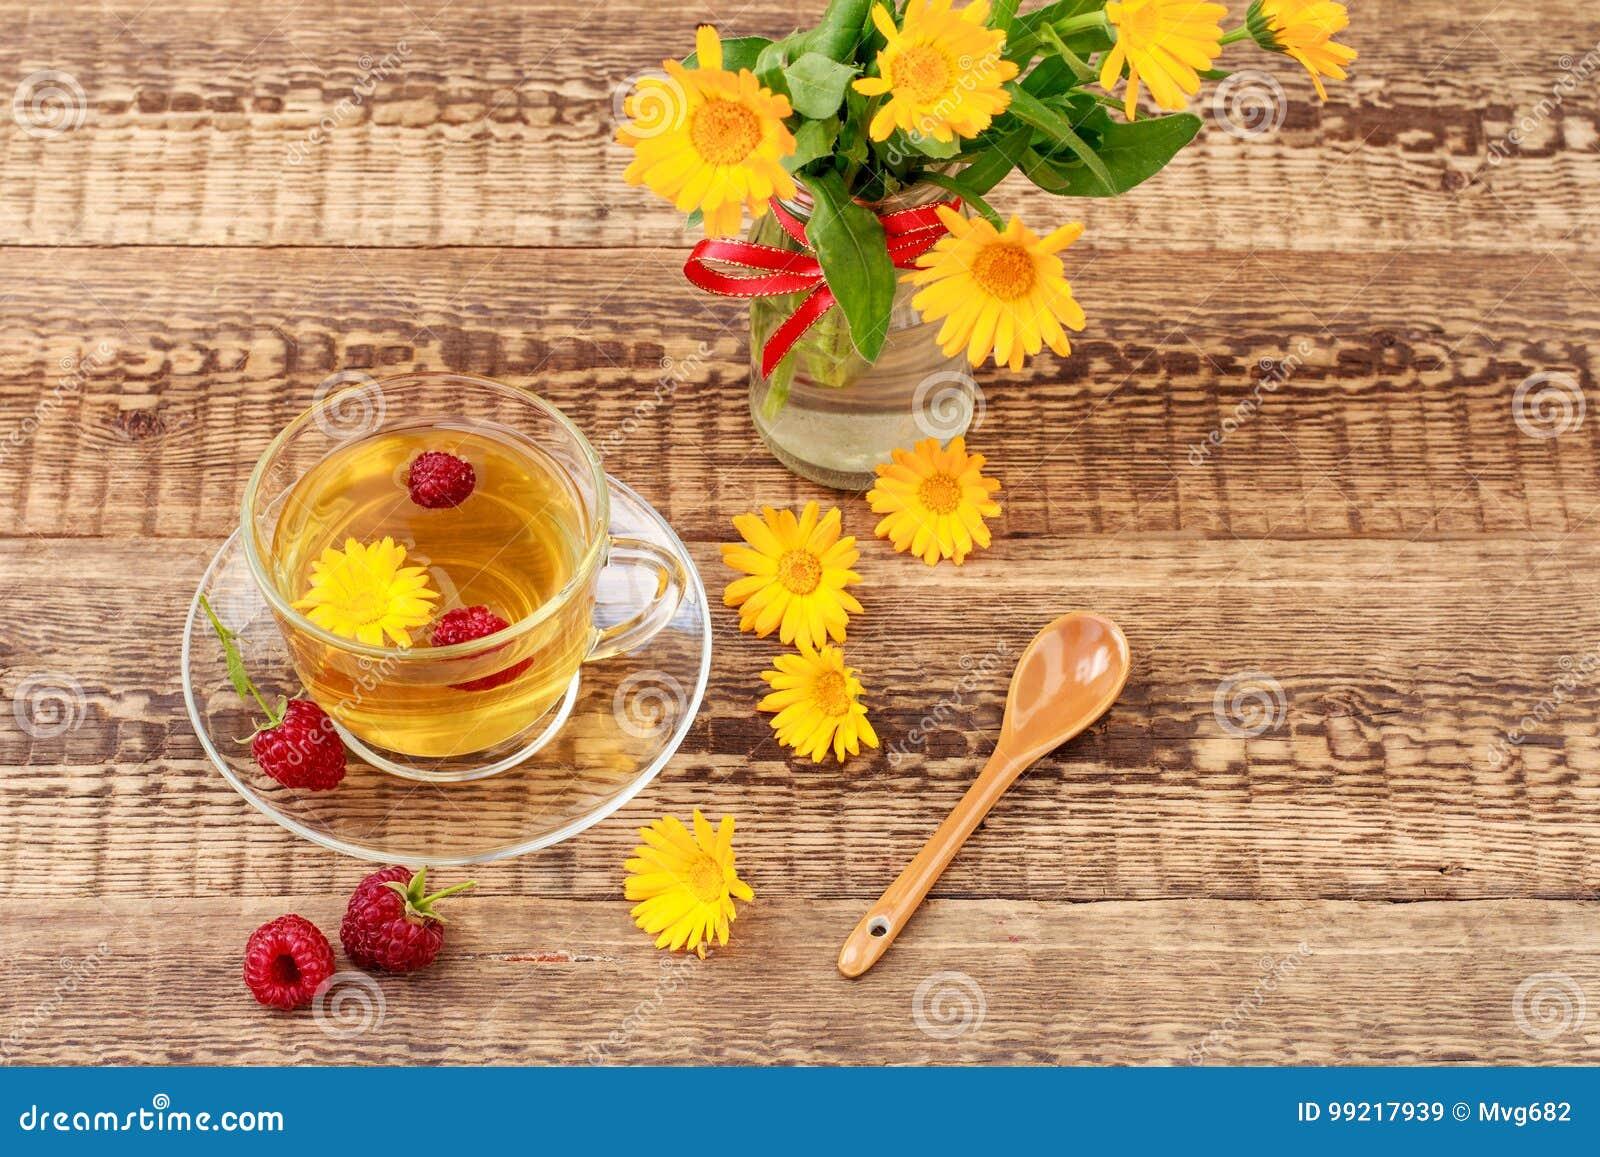 Glasschale Gruner Tee Mit Blumen Von Calendula Und Von Neuem Raspb